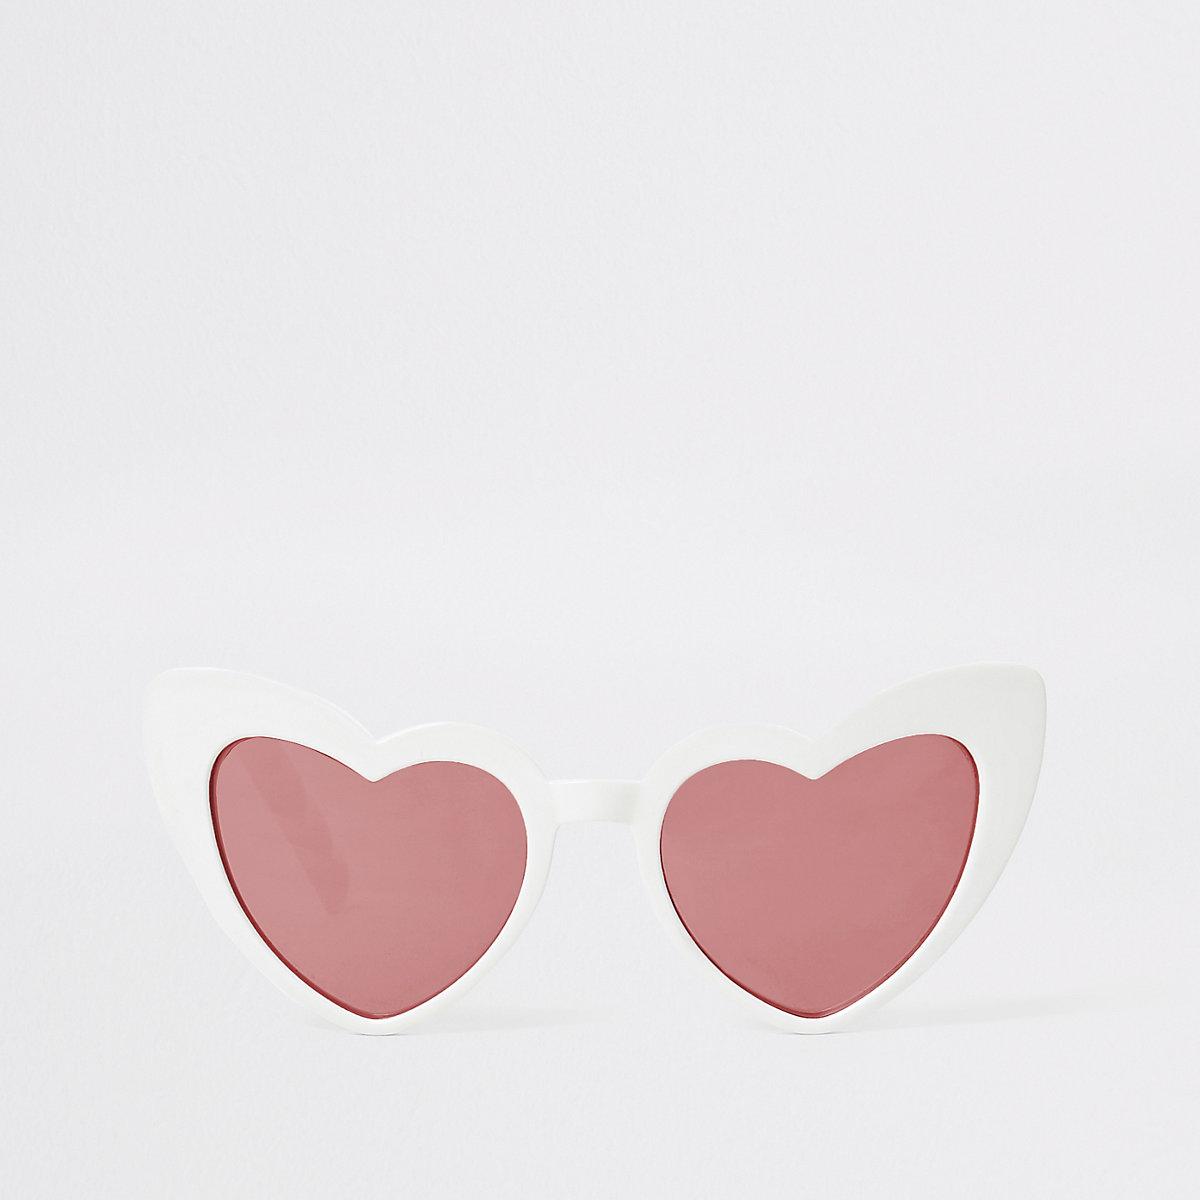 47b5926f1f Girls white heart cat eye sunglasses - Sunglasses - Accessories - girls